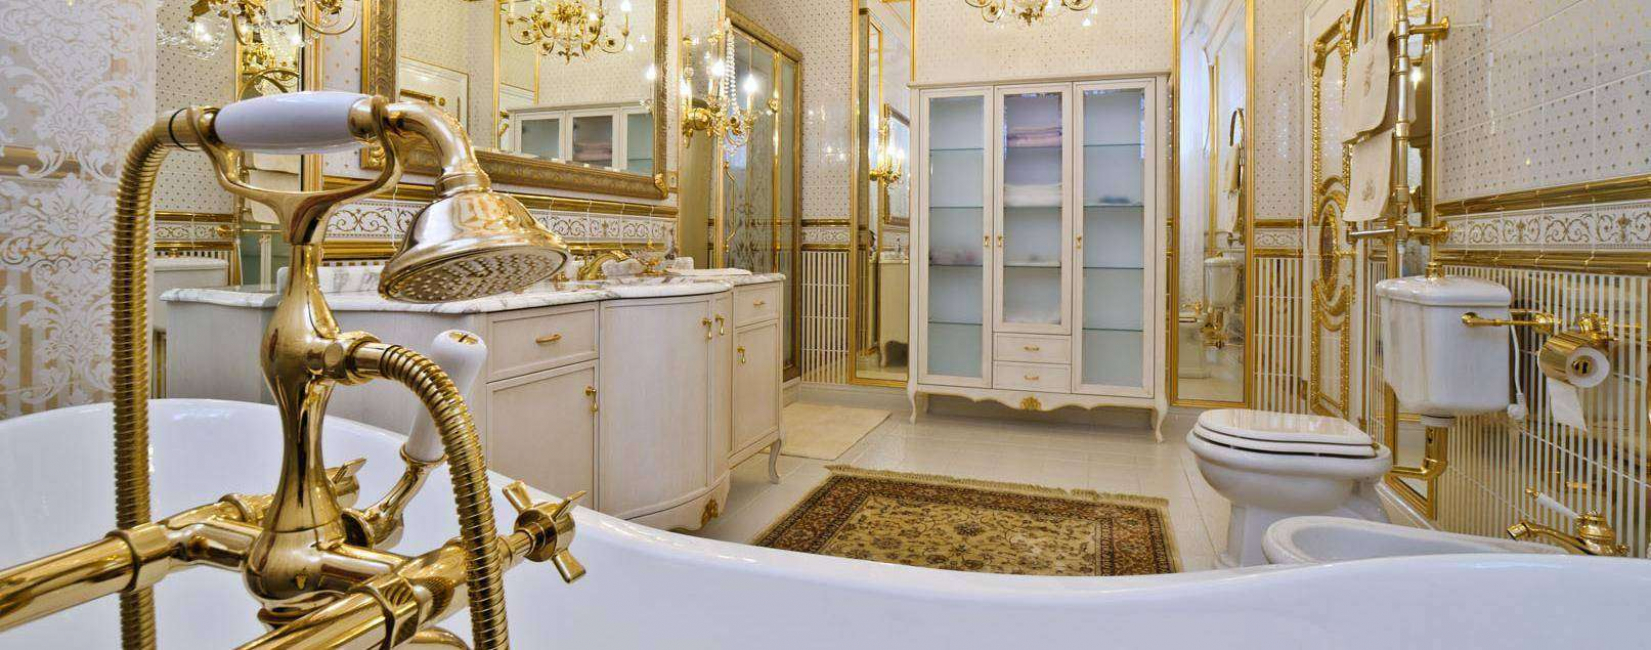 금색 욕실은 아름답고 풍부합니다.